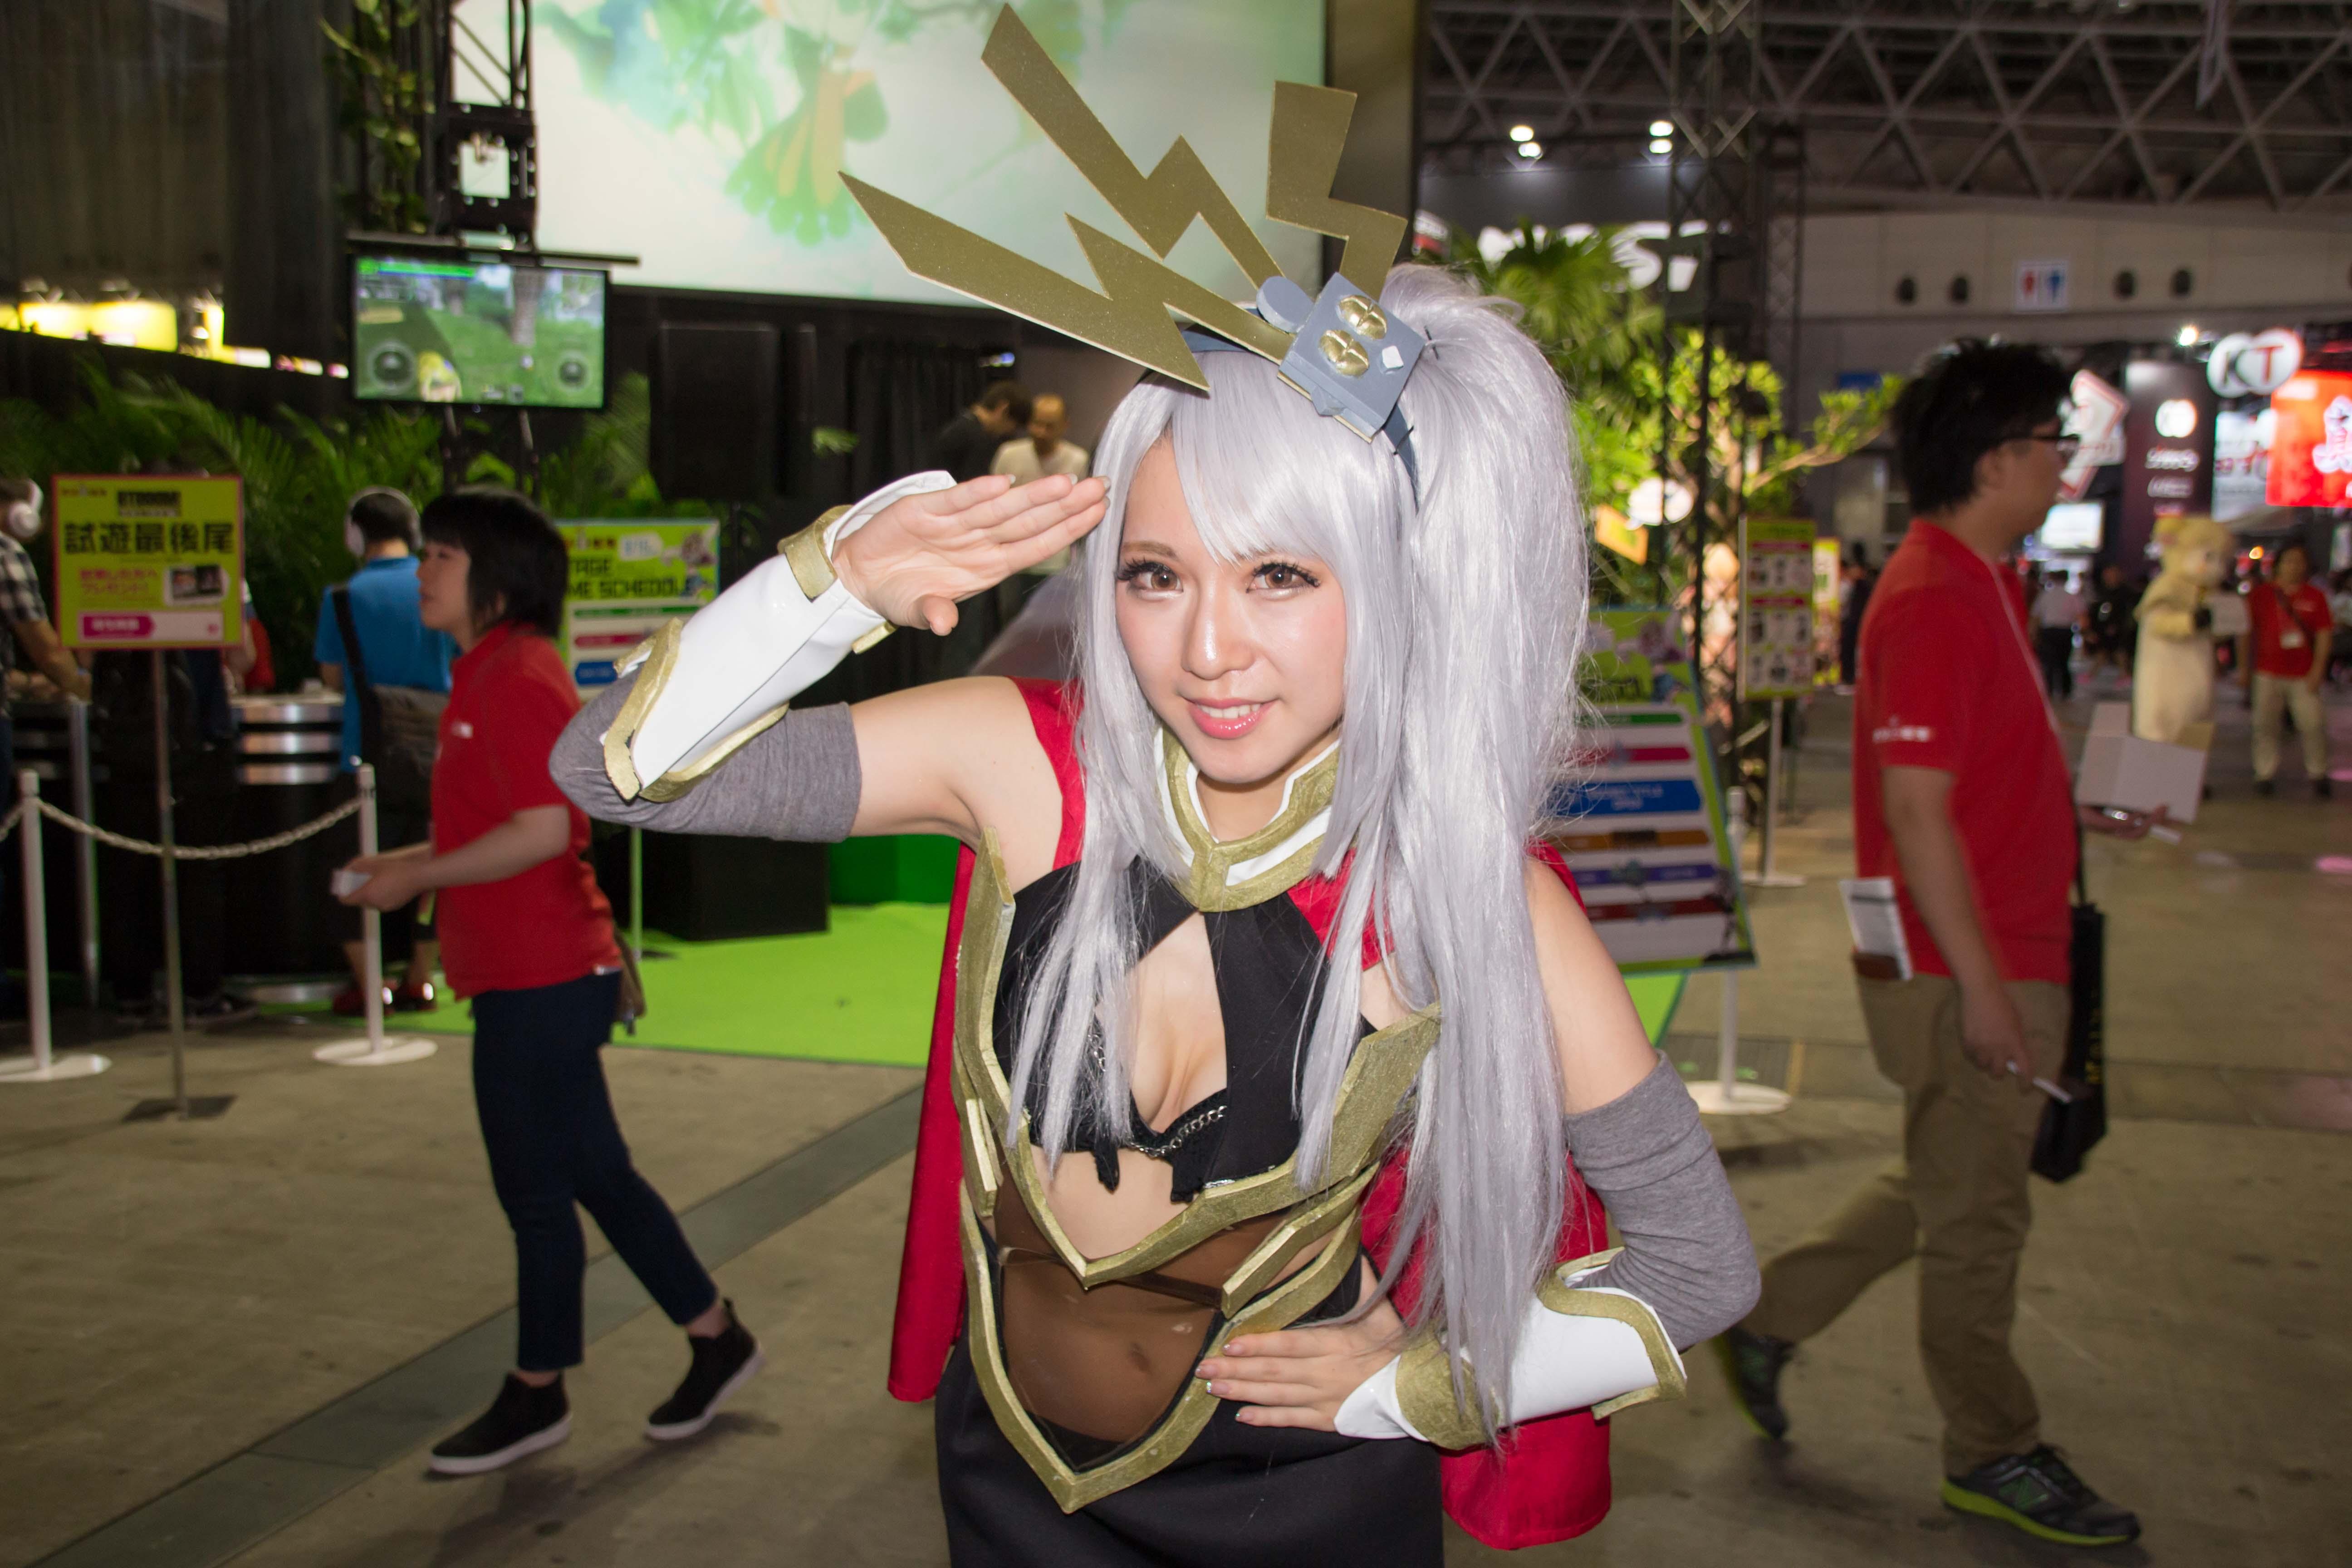 東京ゲームショウ2016 コンパニオンさん写真まとめ(アソビモ、ファンクルー、2K、msi) #TGS2016